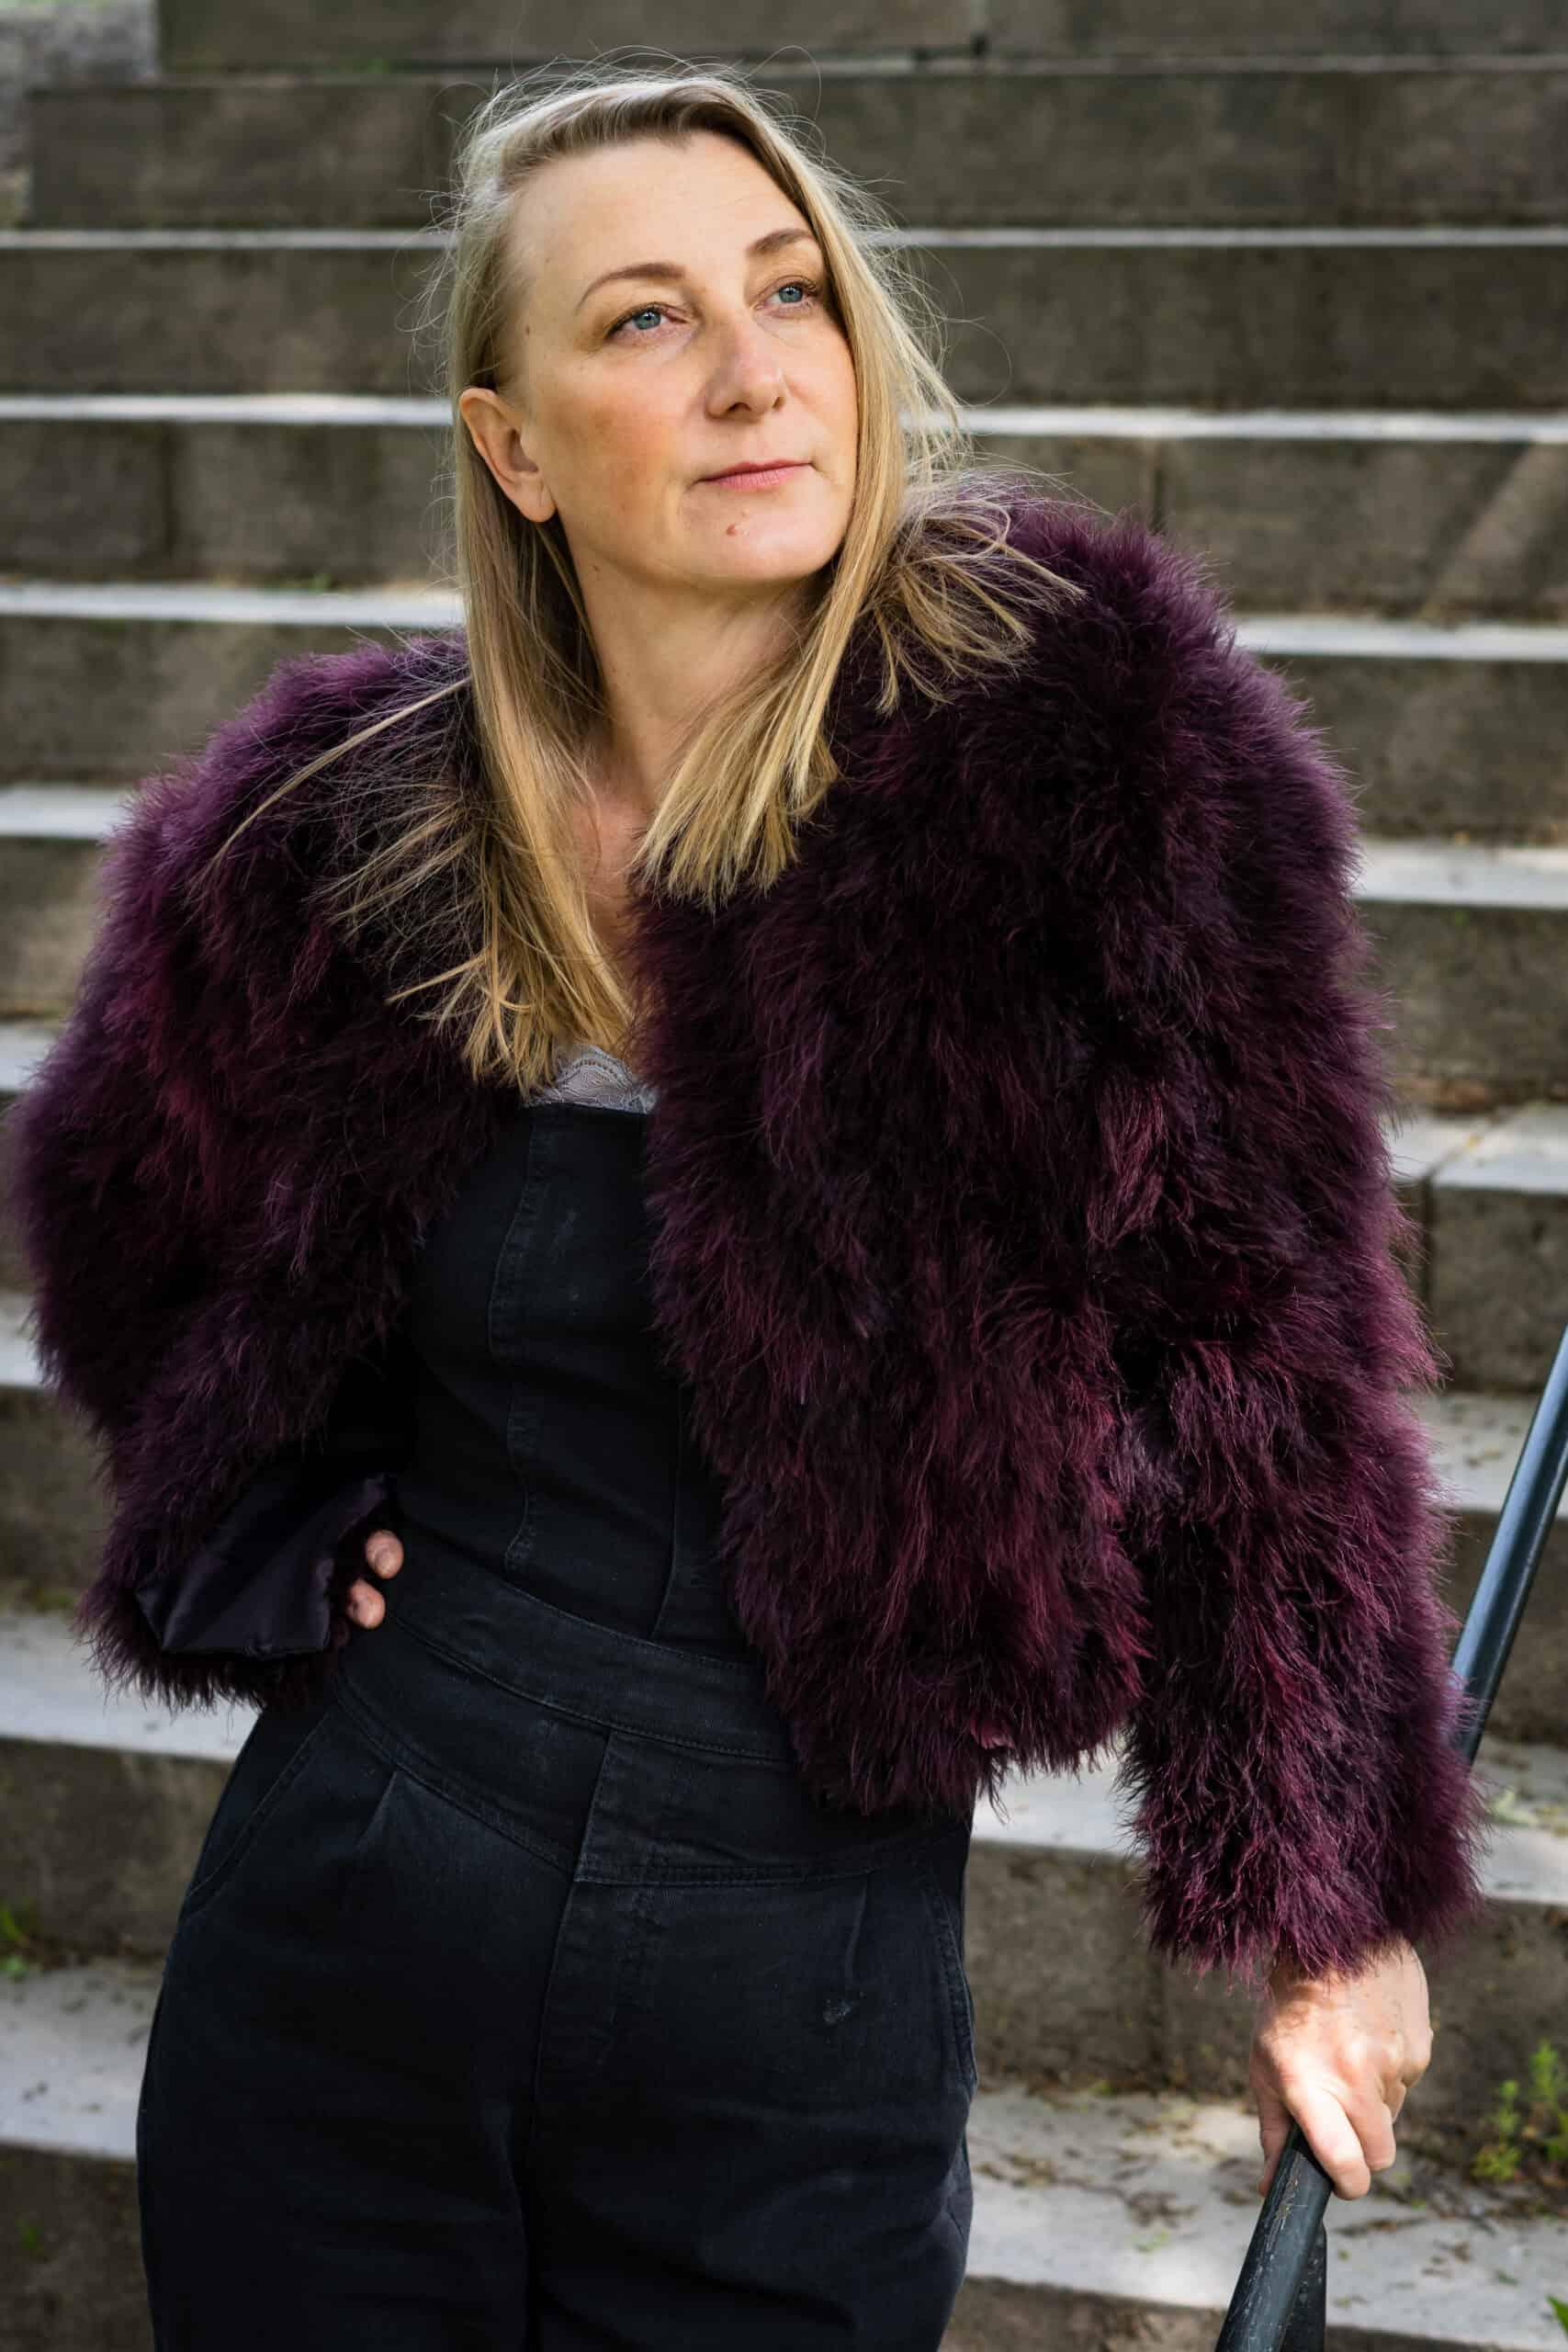 Elina Du Rietz photographer Fredrik Sjöberg